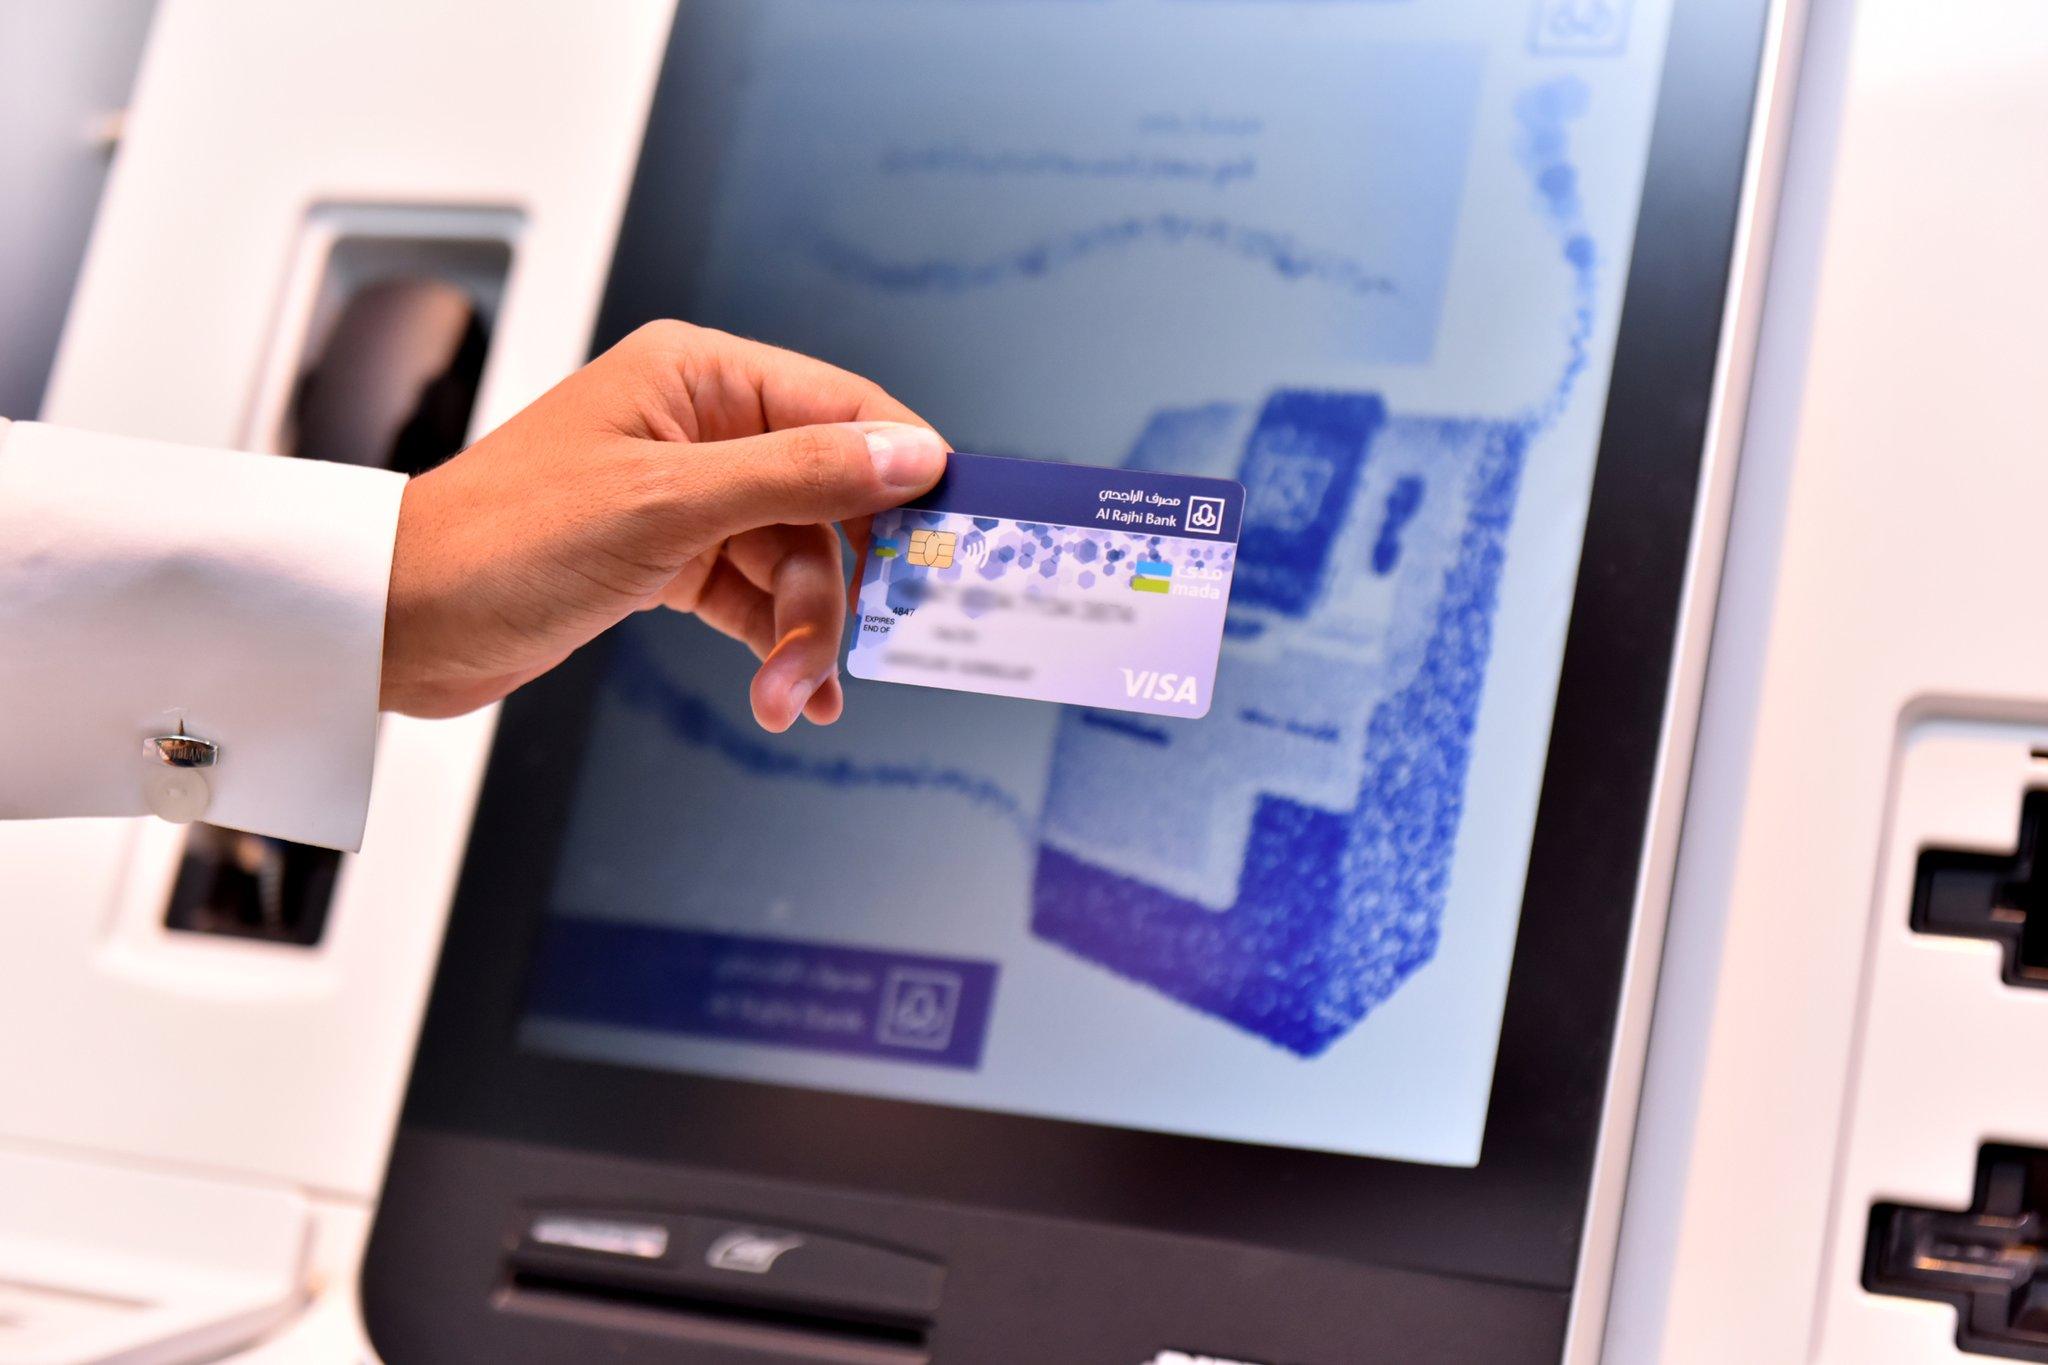 مصرف الراجحي On Twitter يسهل لك جهاز الخدمة الذاتية أسرع تجديد وطباعة بطاقة الصراف بشكل فوري